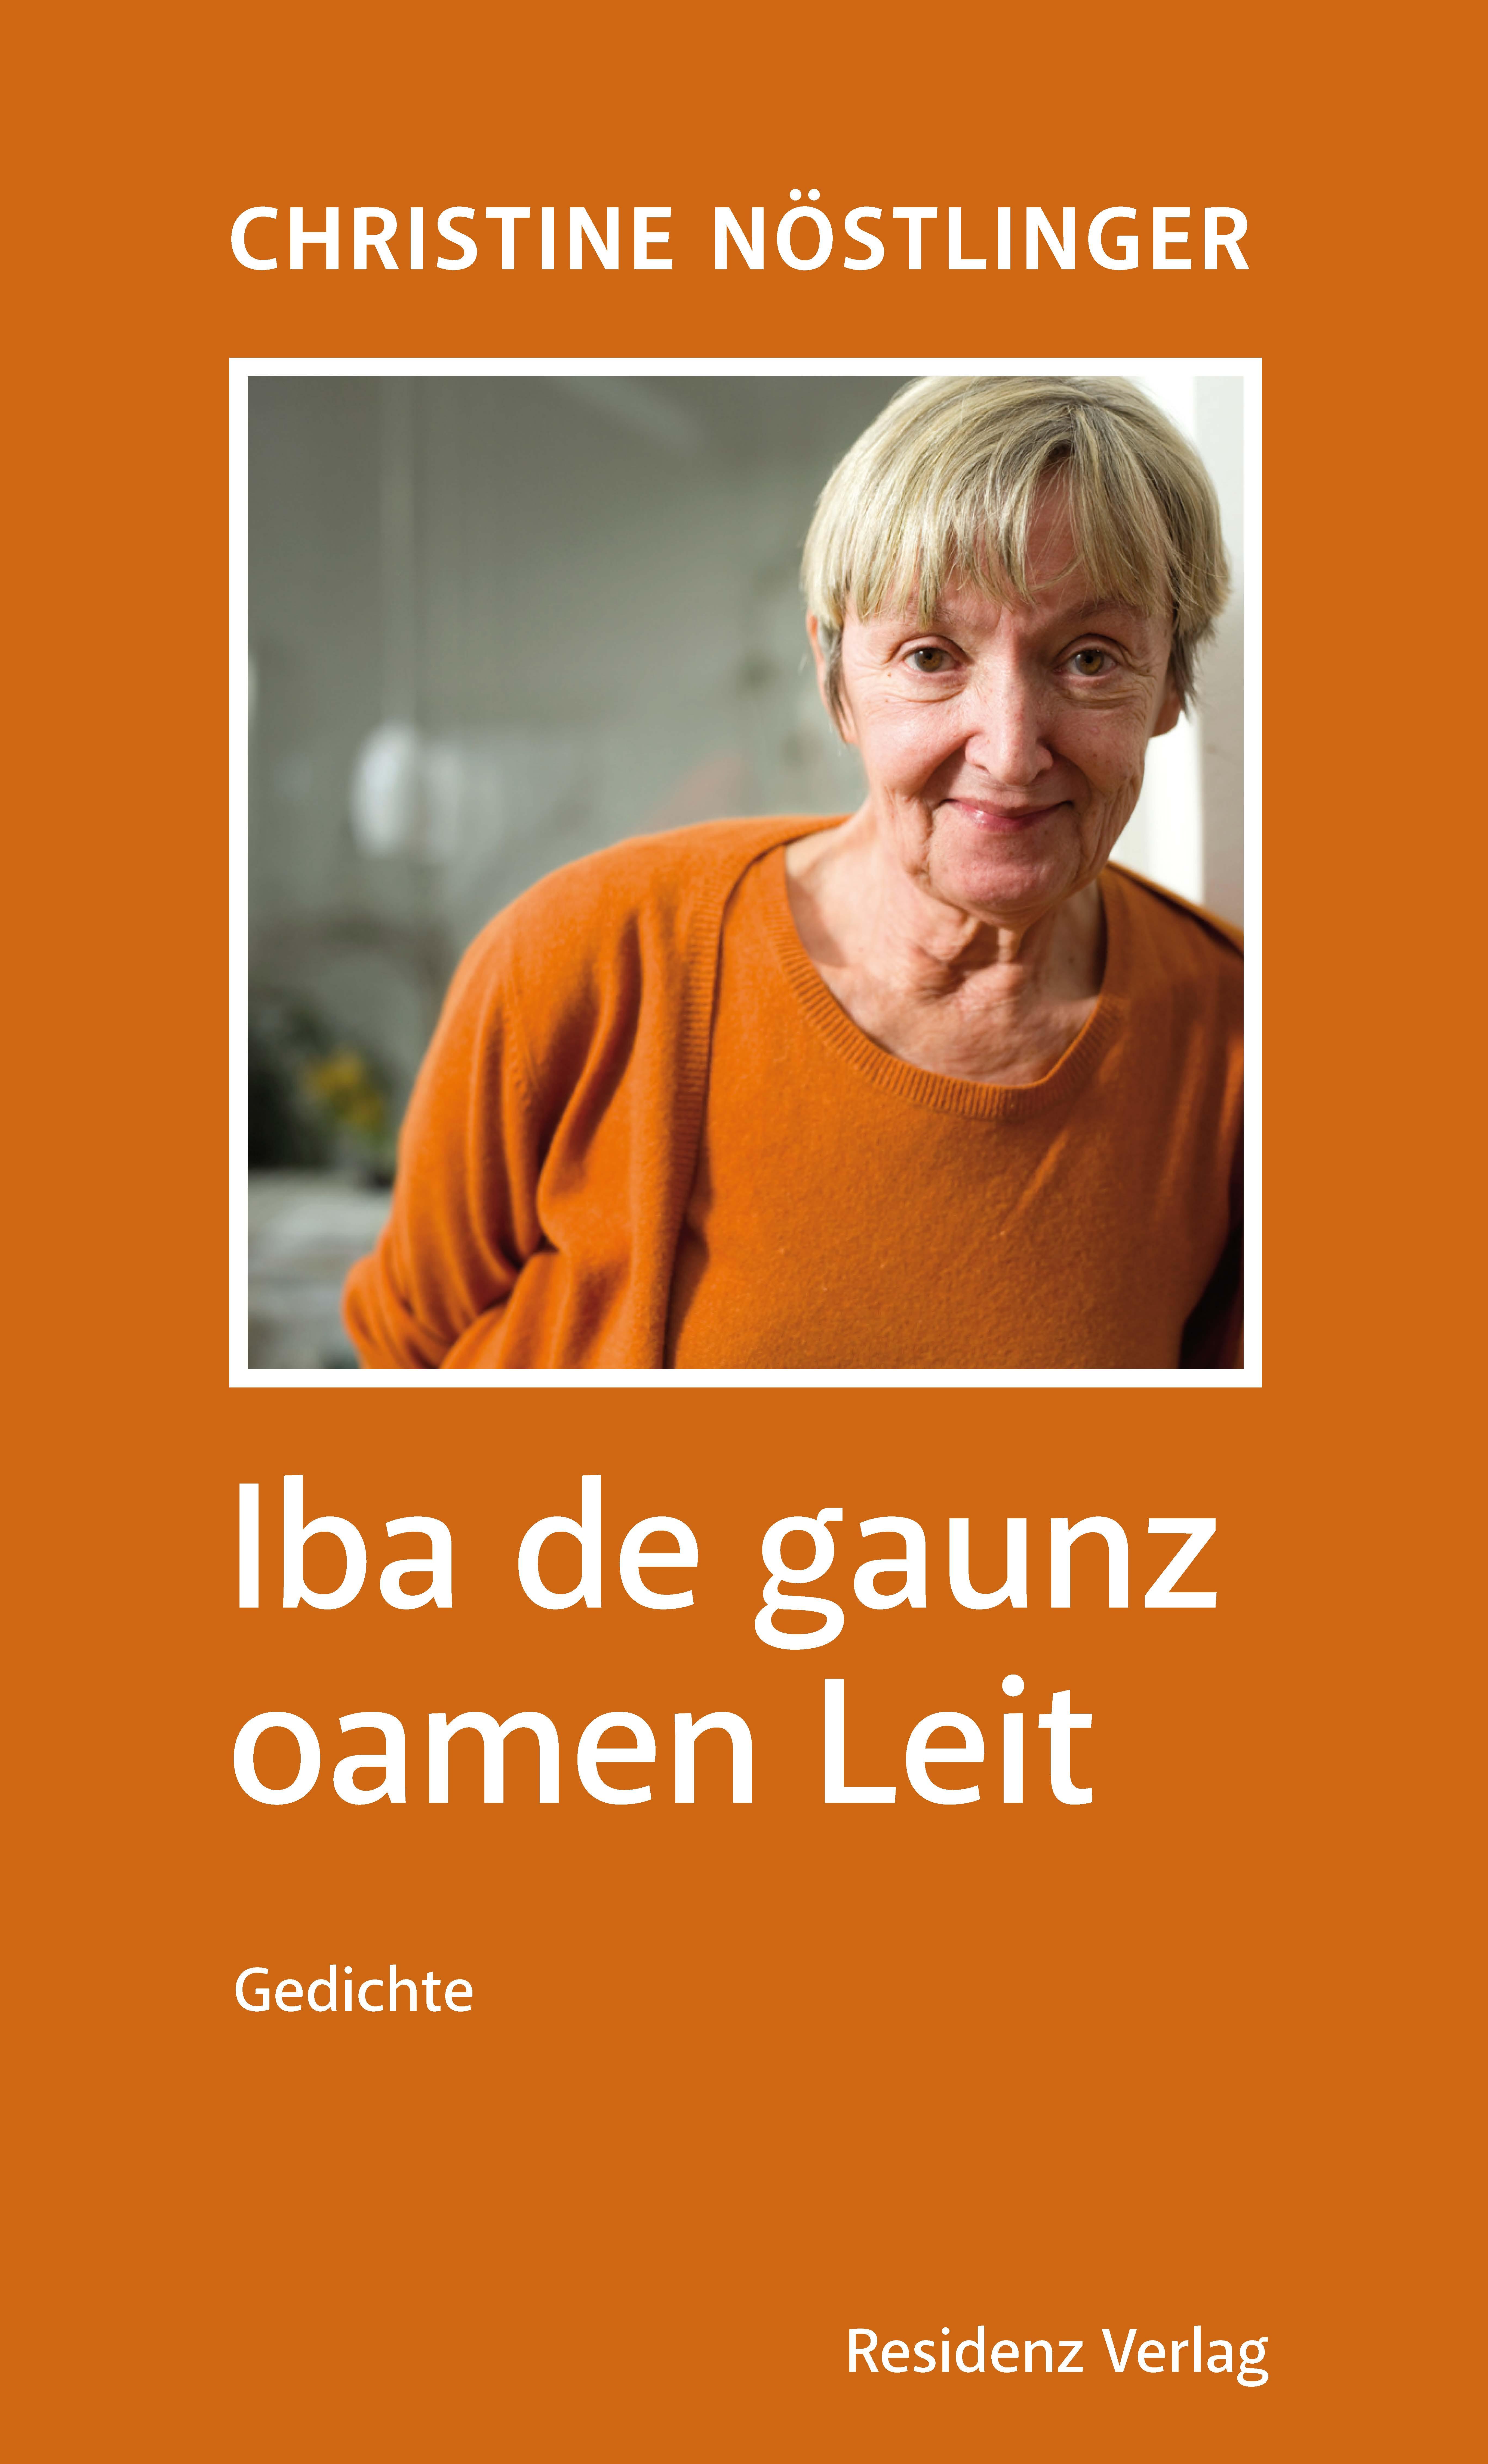 Iba-de-gaunz-oamen-Leit-Christine-Noestlinger